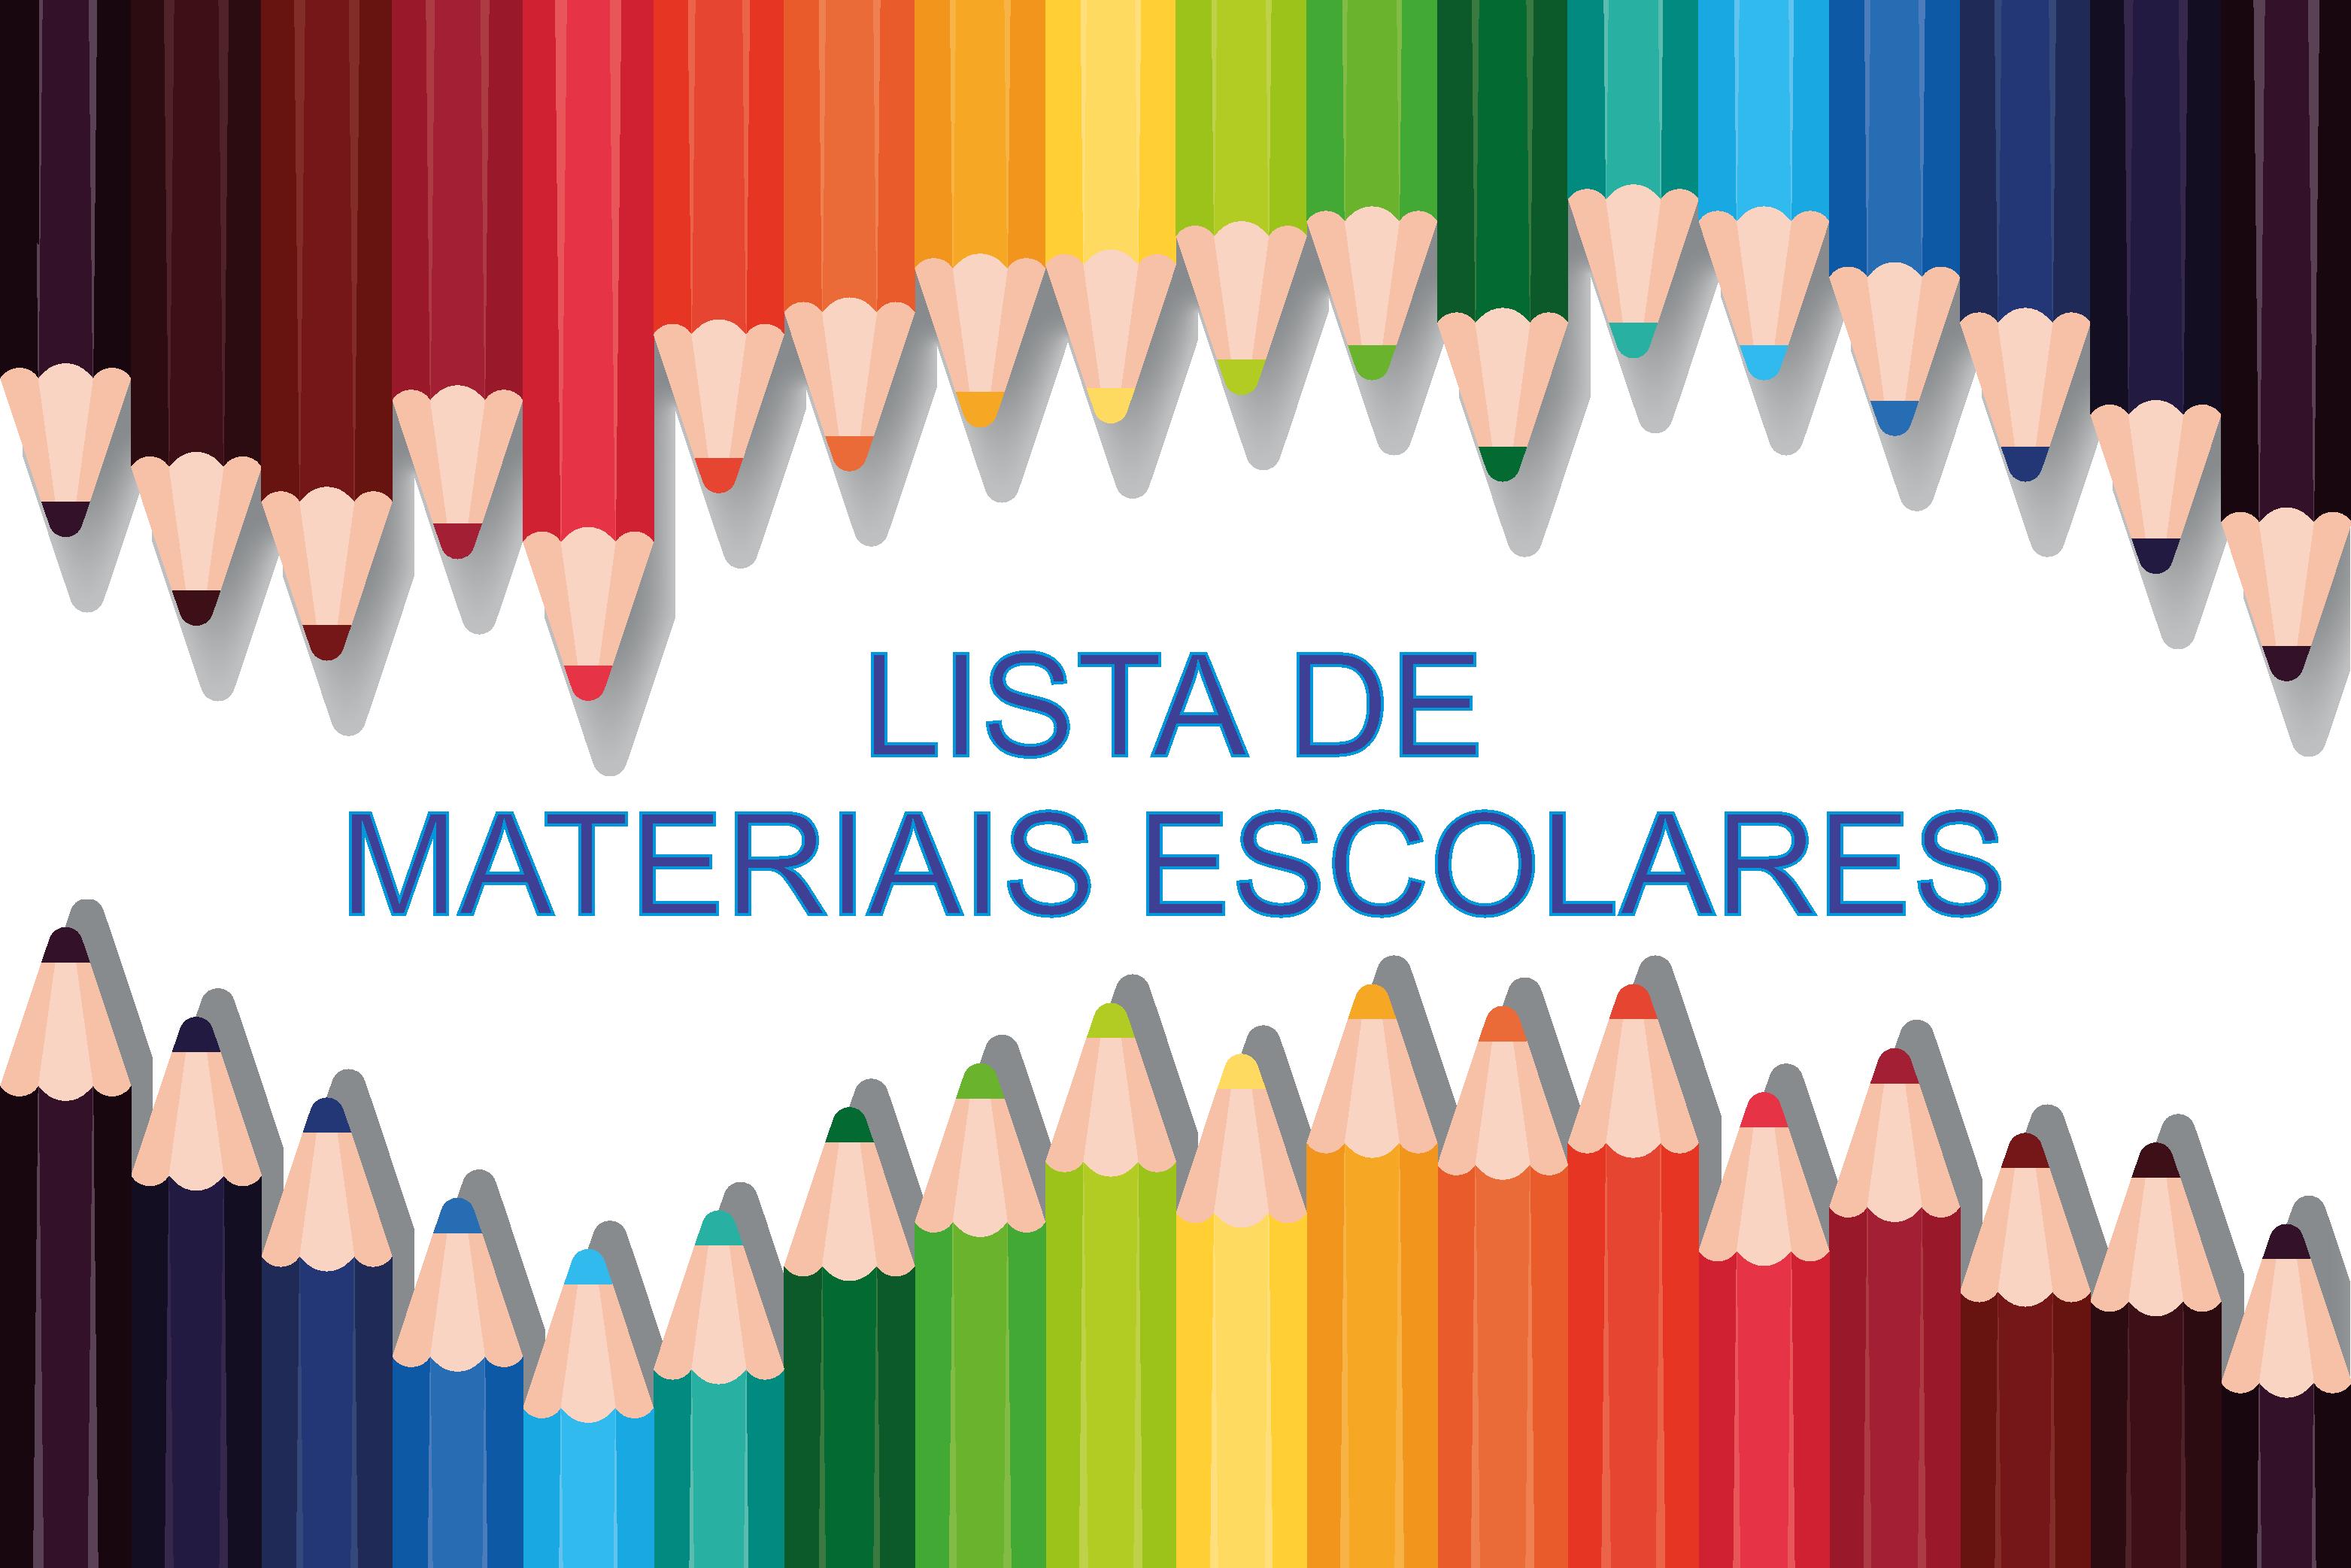 Lista de Materiais Escolares